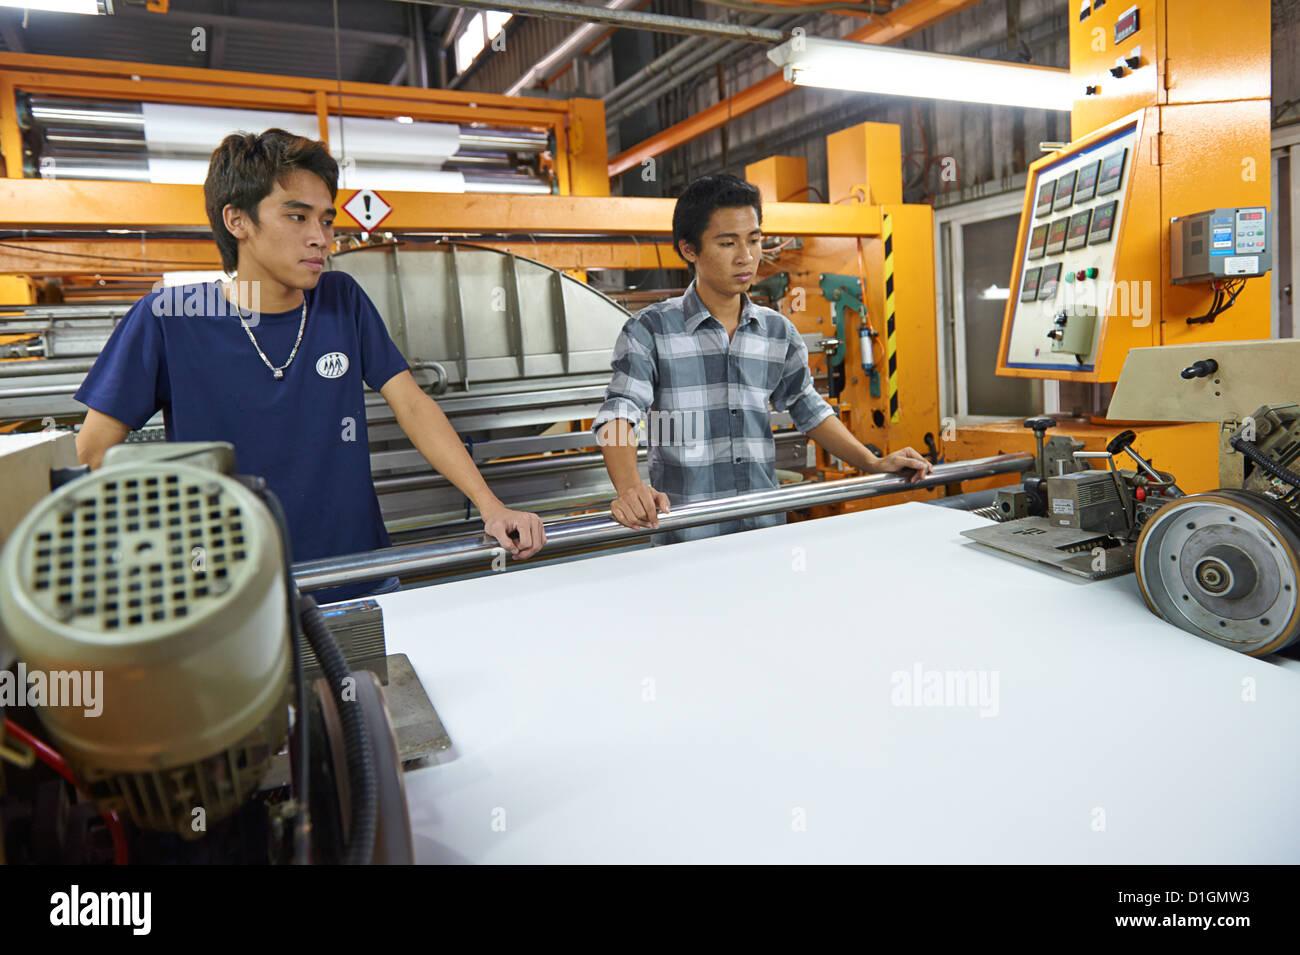 Los jóvenes trabajadores de la fábrica textil tejido recién prensados de inspección Imagen De Stock